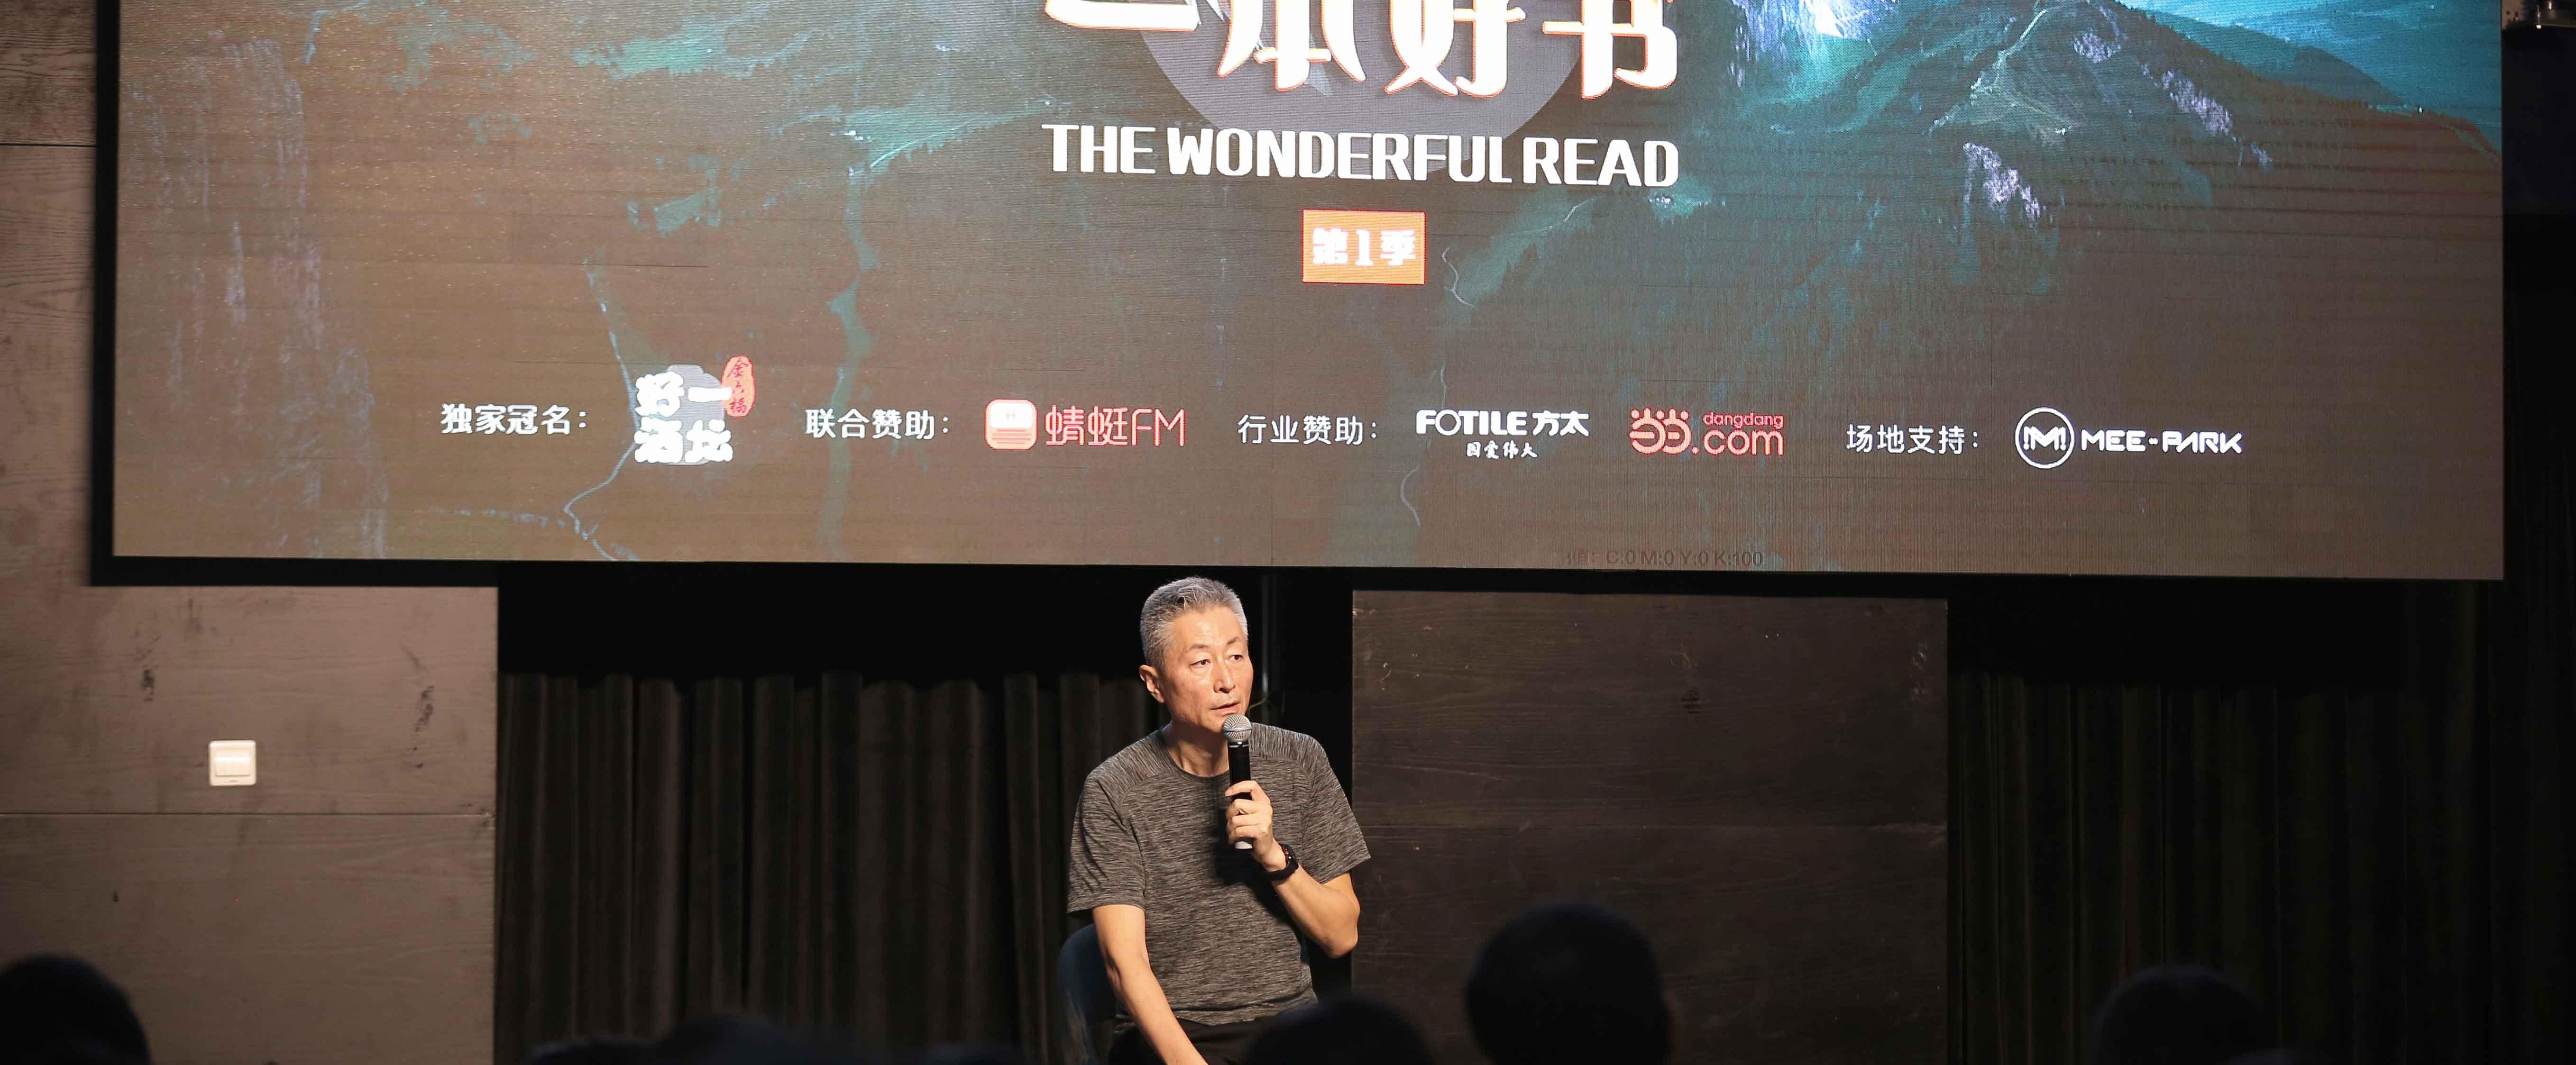 《一本好书》赵立新北京举办发布会